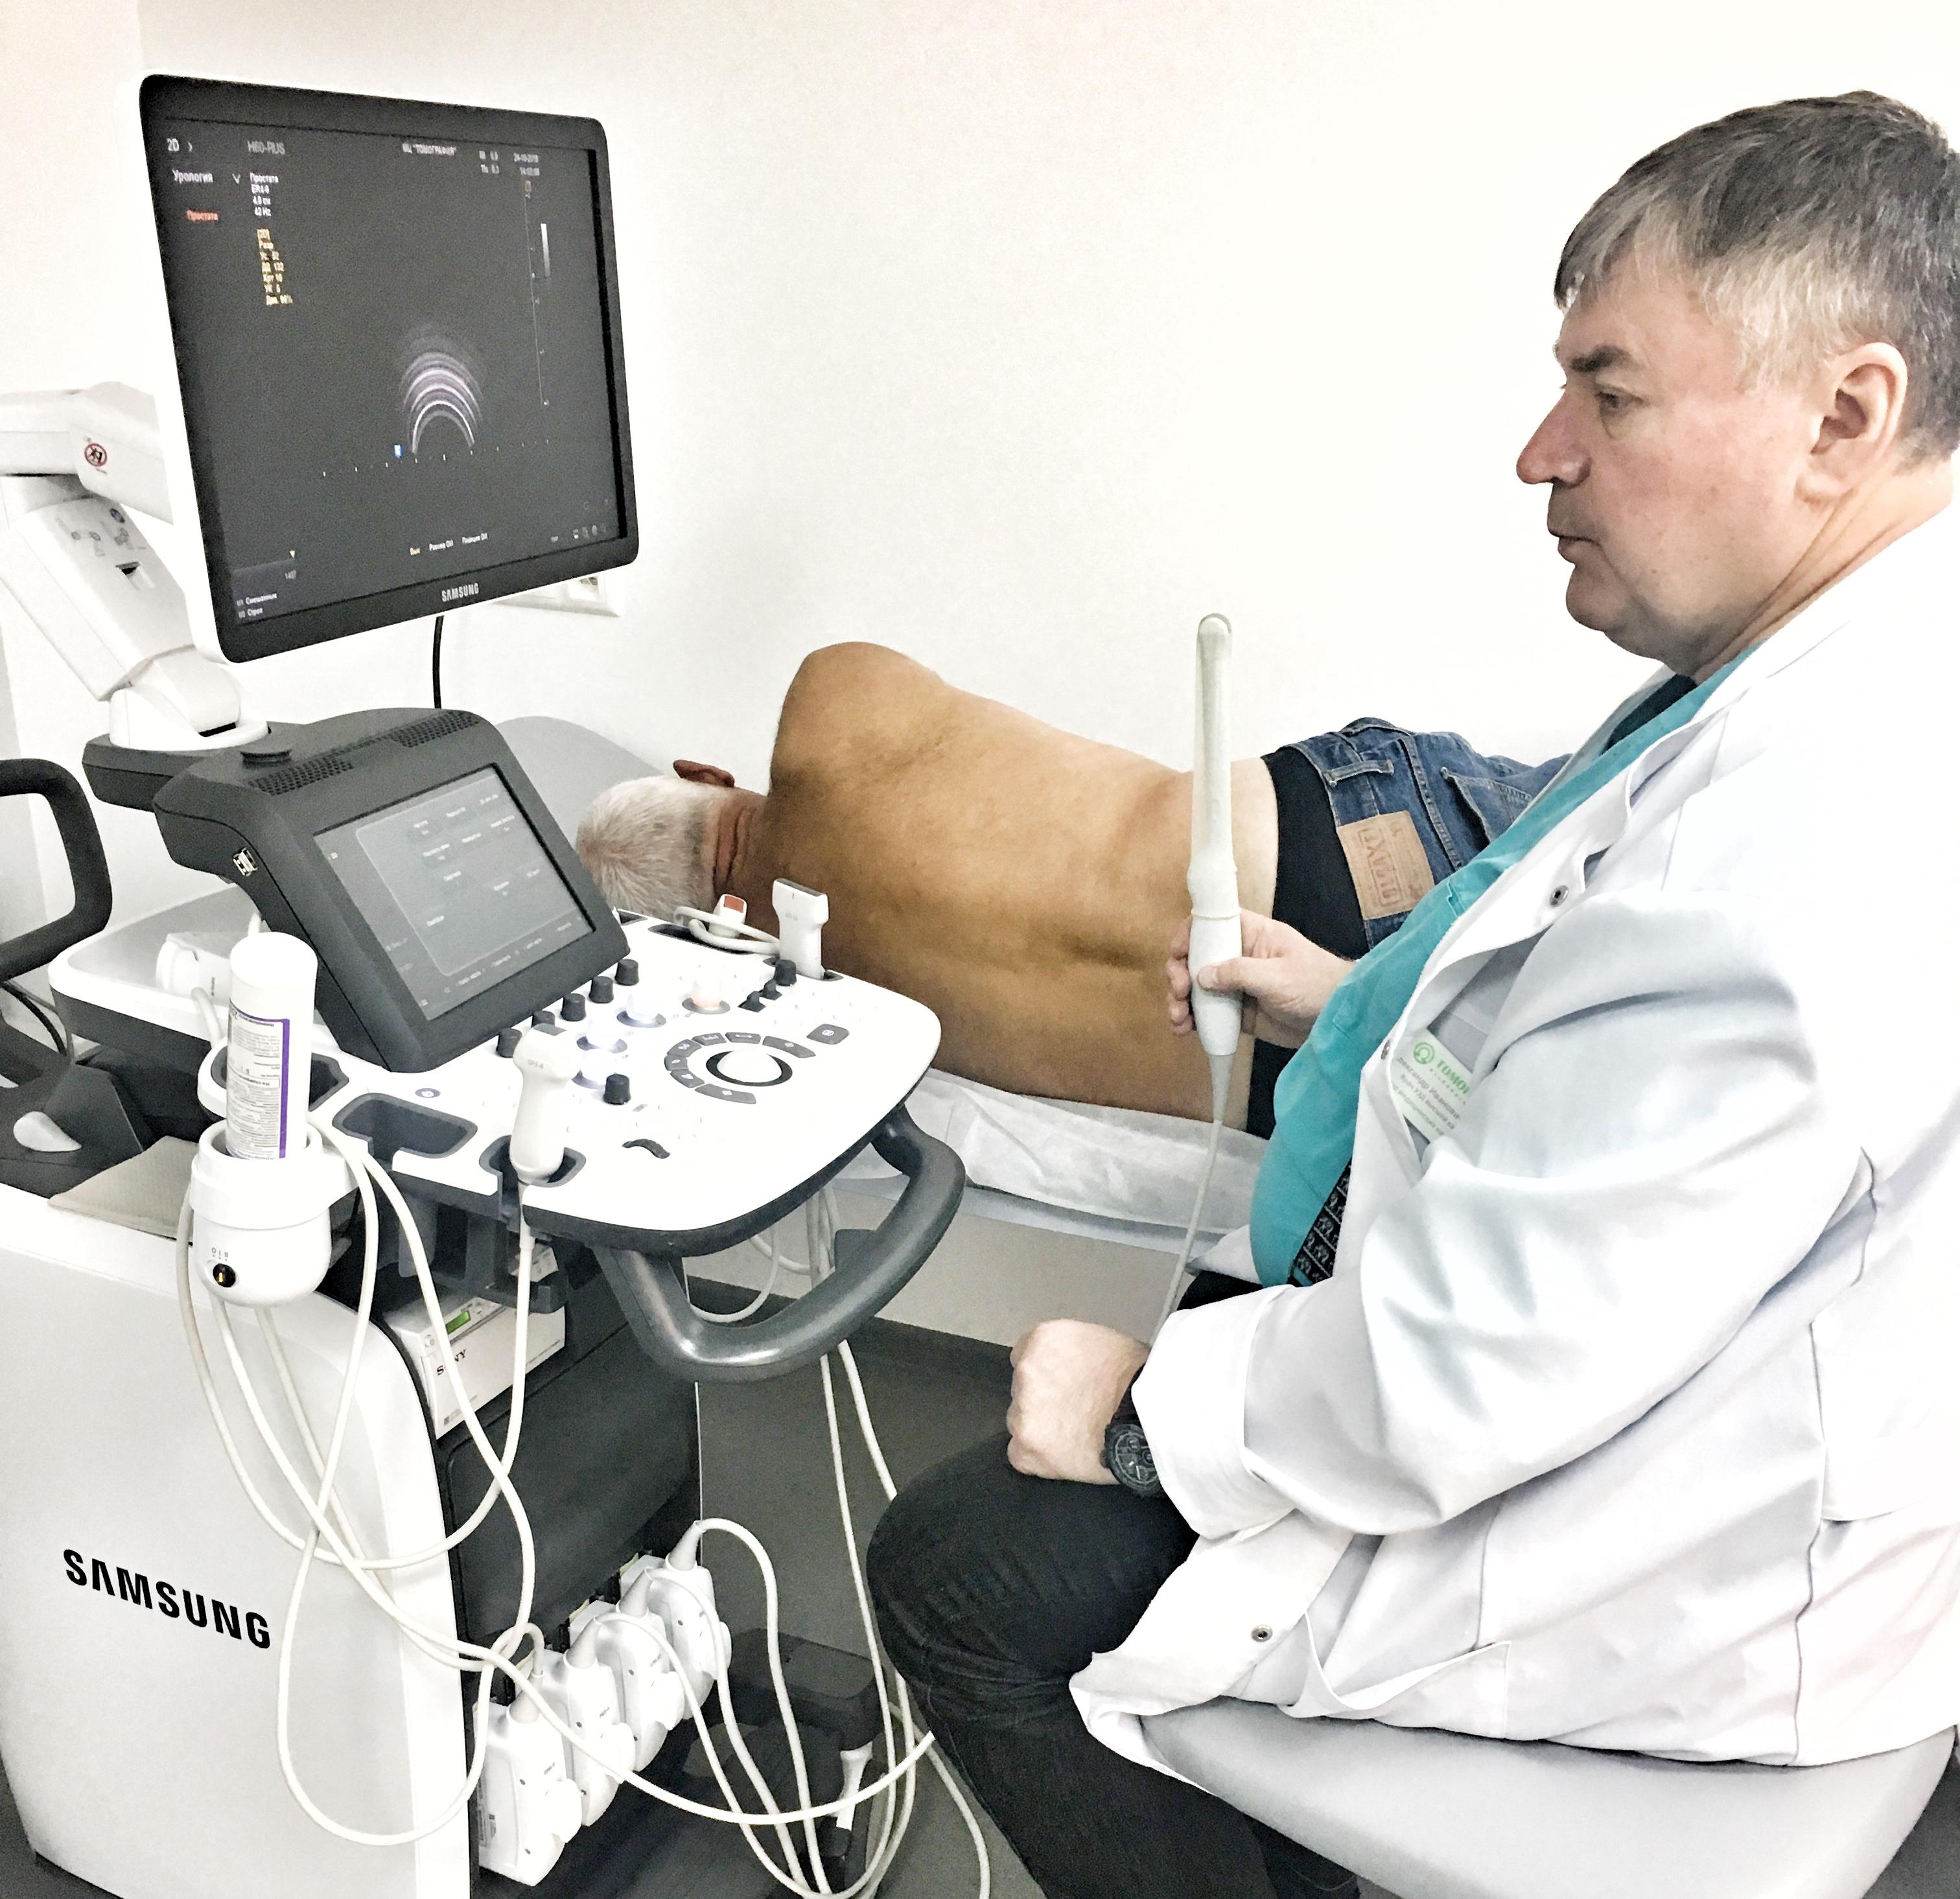 ТРУЗИ предстательной железы: цели проведения, подготовка, возможные заболевания